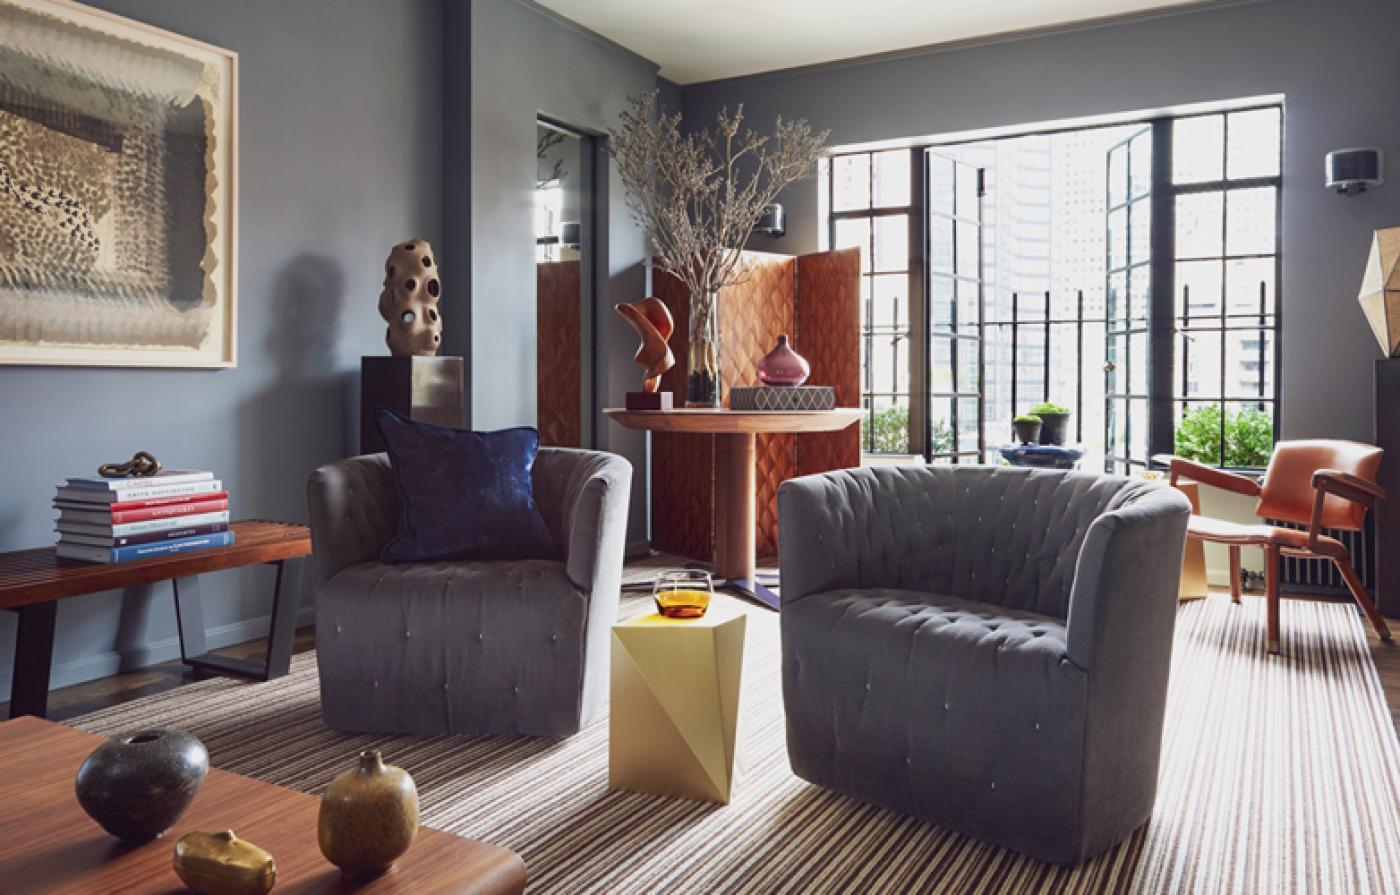 Designer QnA: Former Christie's Senior Expert Richard Rabel Has Mastered the Art of Luxurious Ease